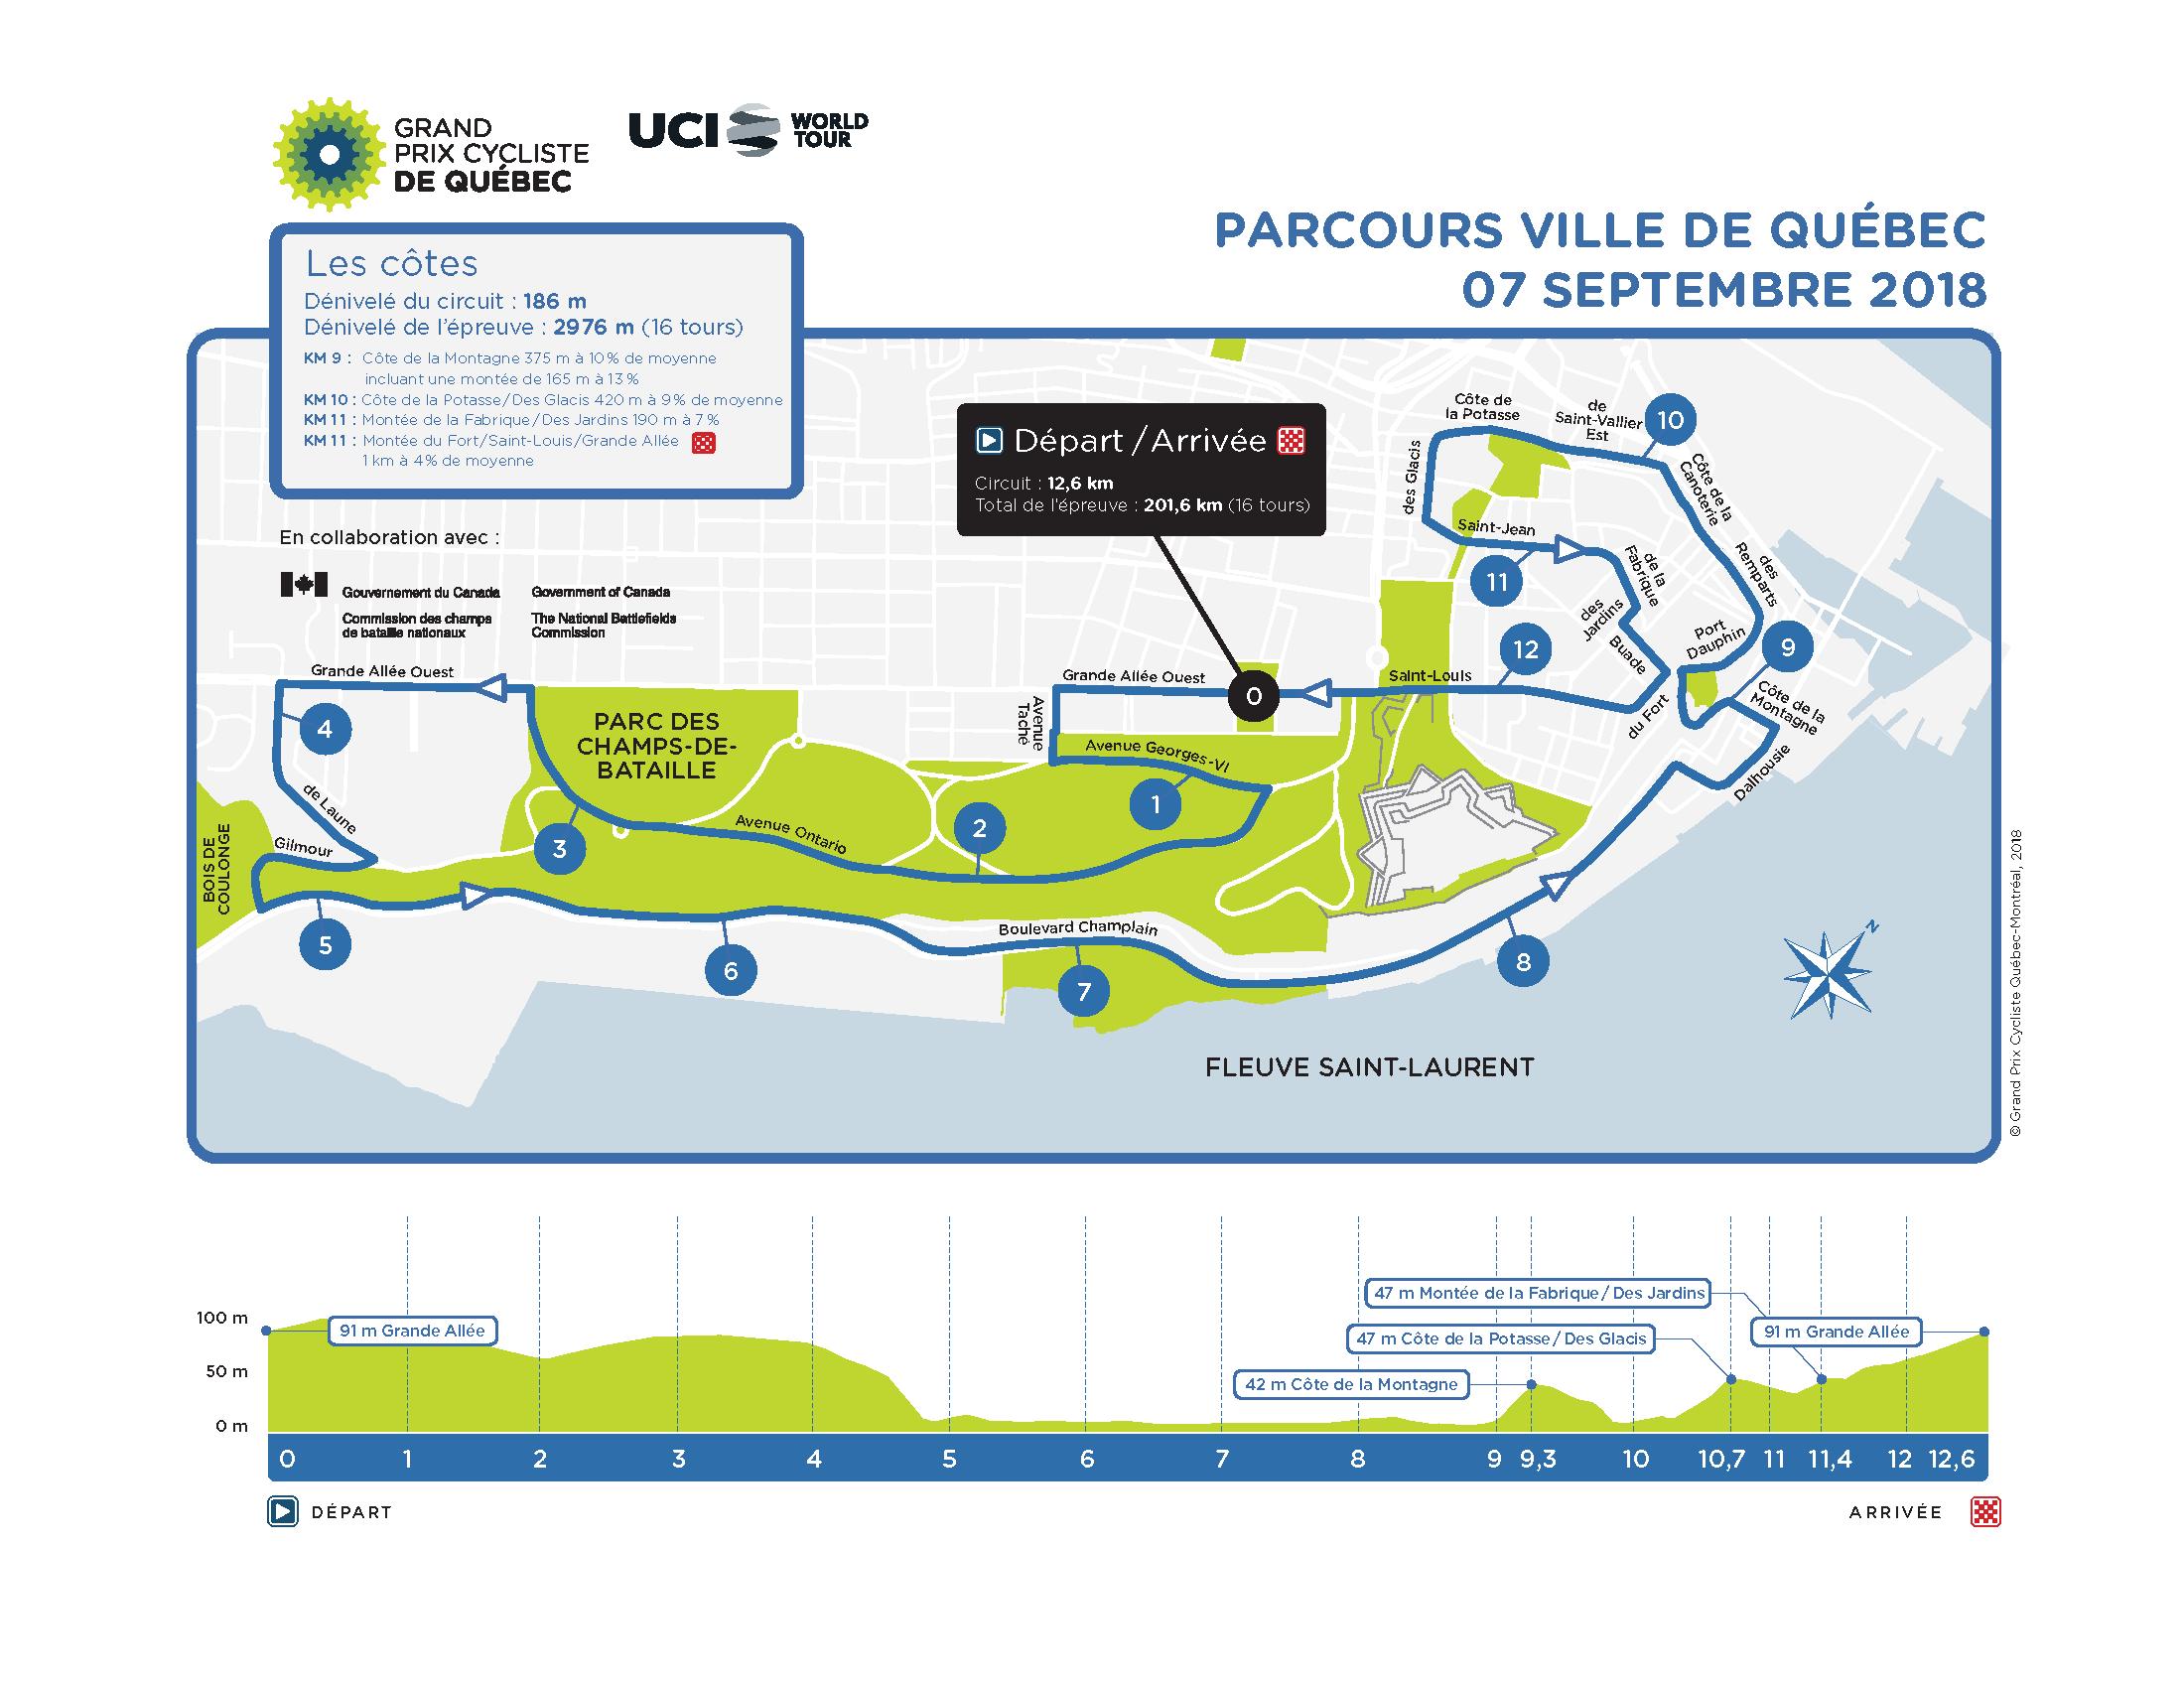 Grand Prix Cycliste de Québec GPC_PARCOURS_QC_2018-1